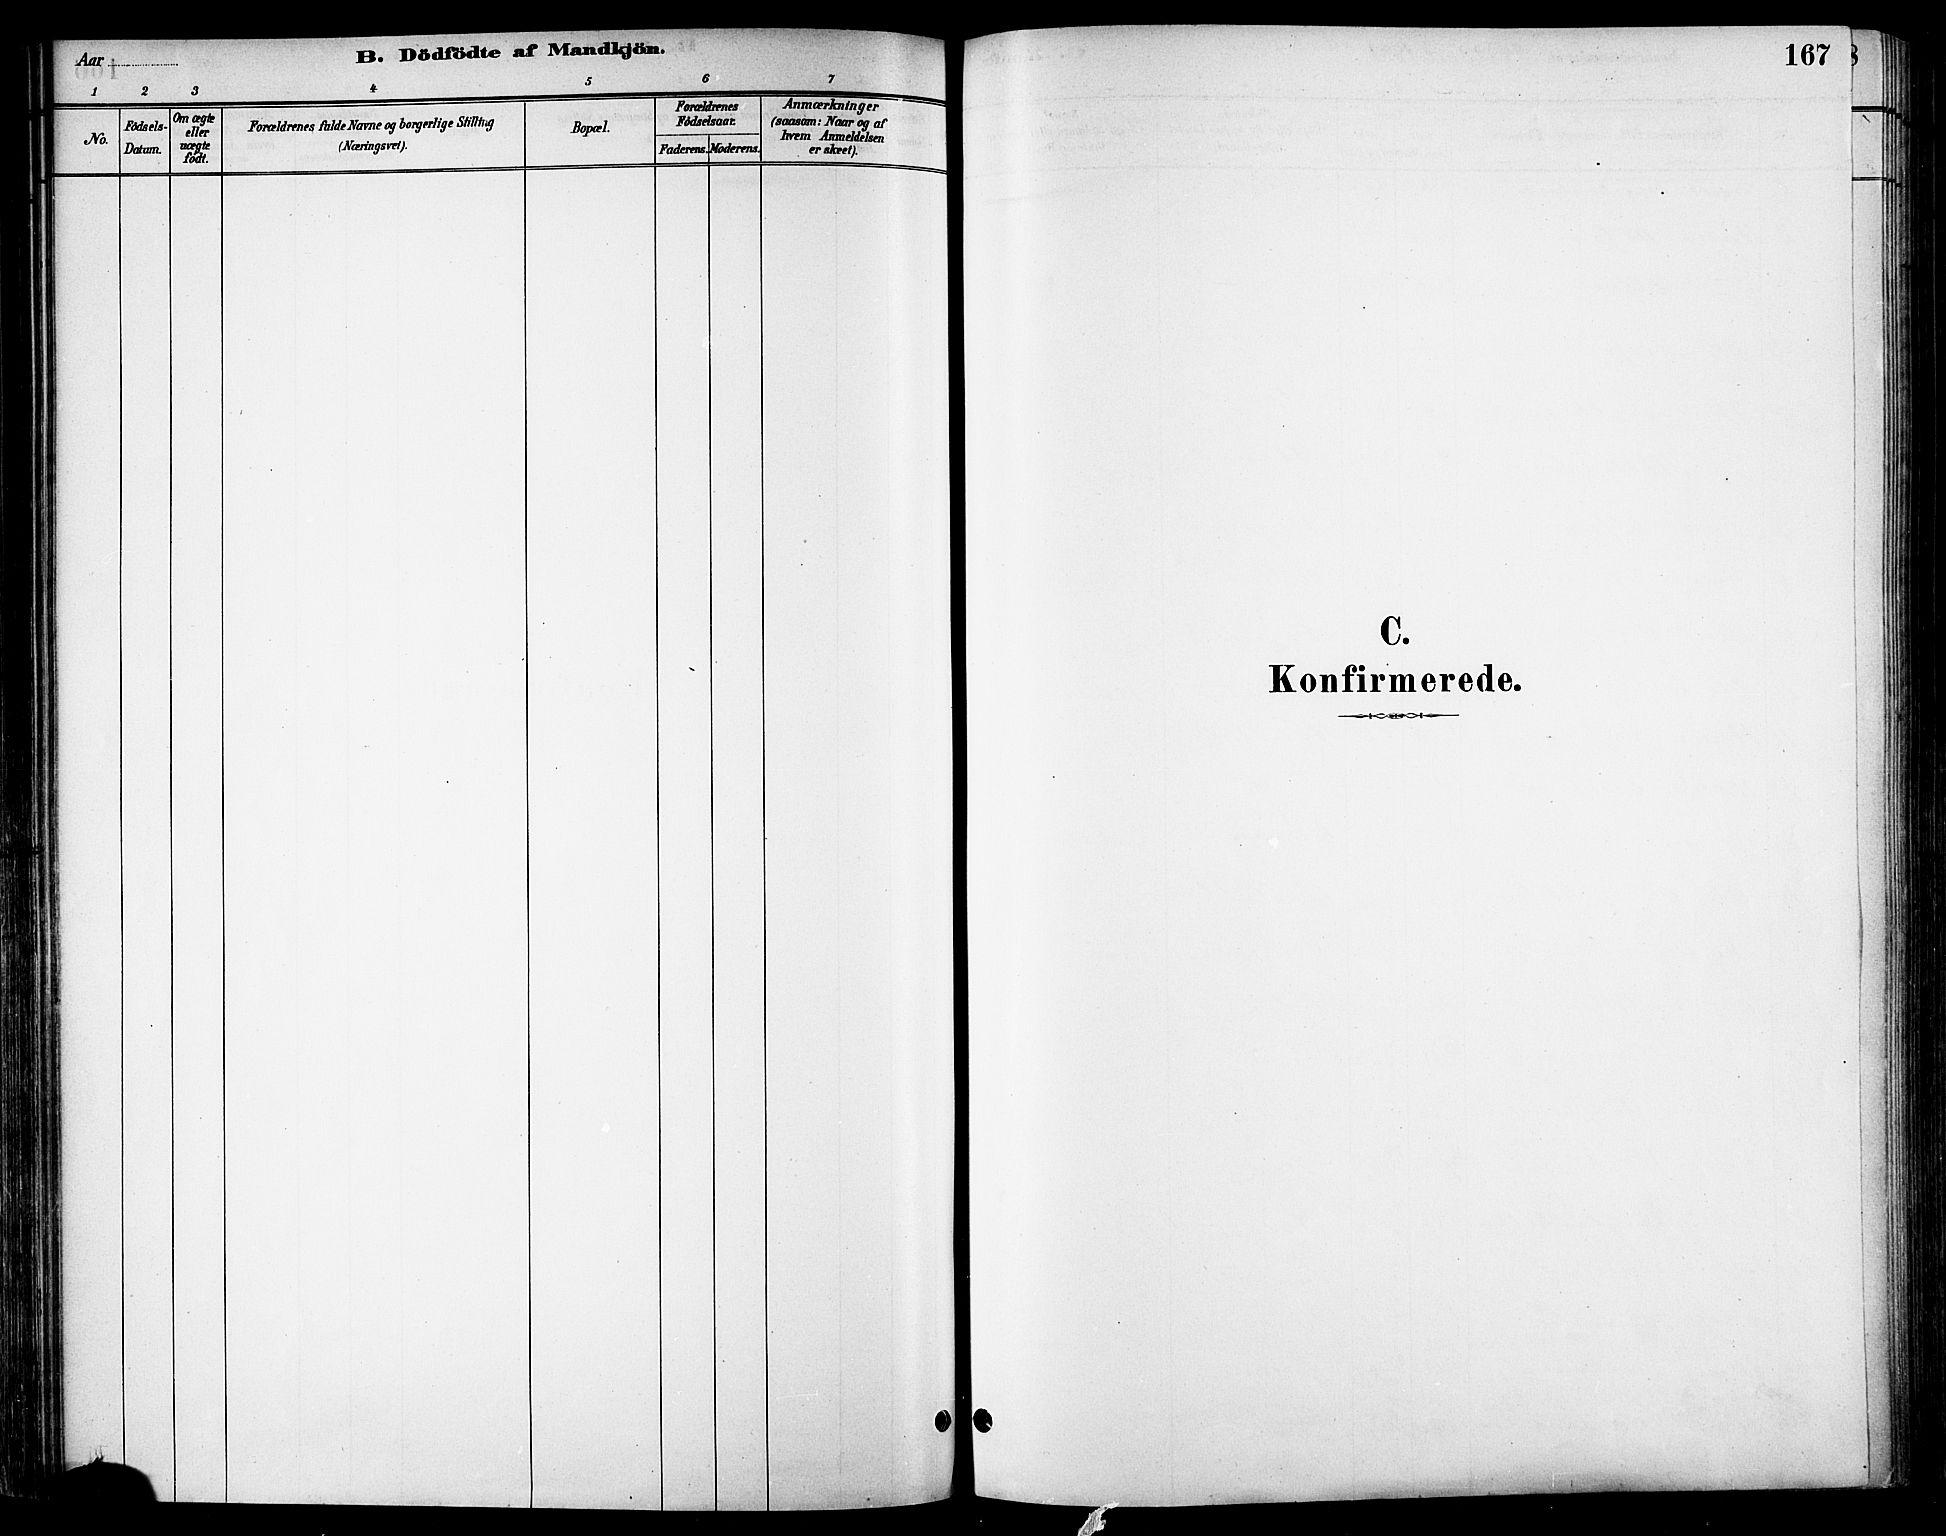 SAT, Ministerialprotokoller, klokkerbøker og fødselsregistre - Sør-Trøndelag, 678/L0901: Ministerialbok nr. 678A10, 1881-1894, s. 167